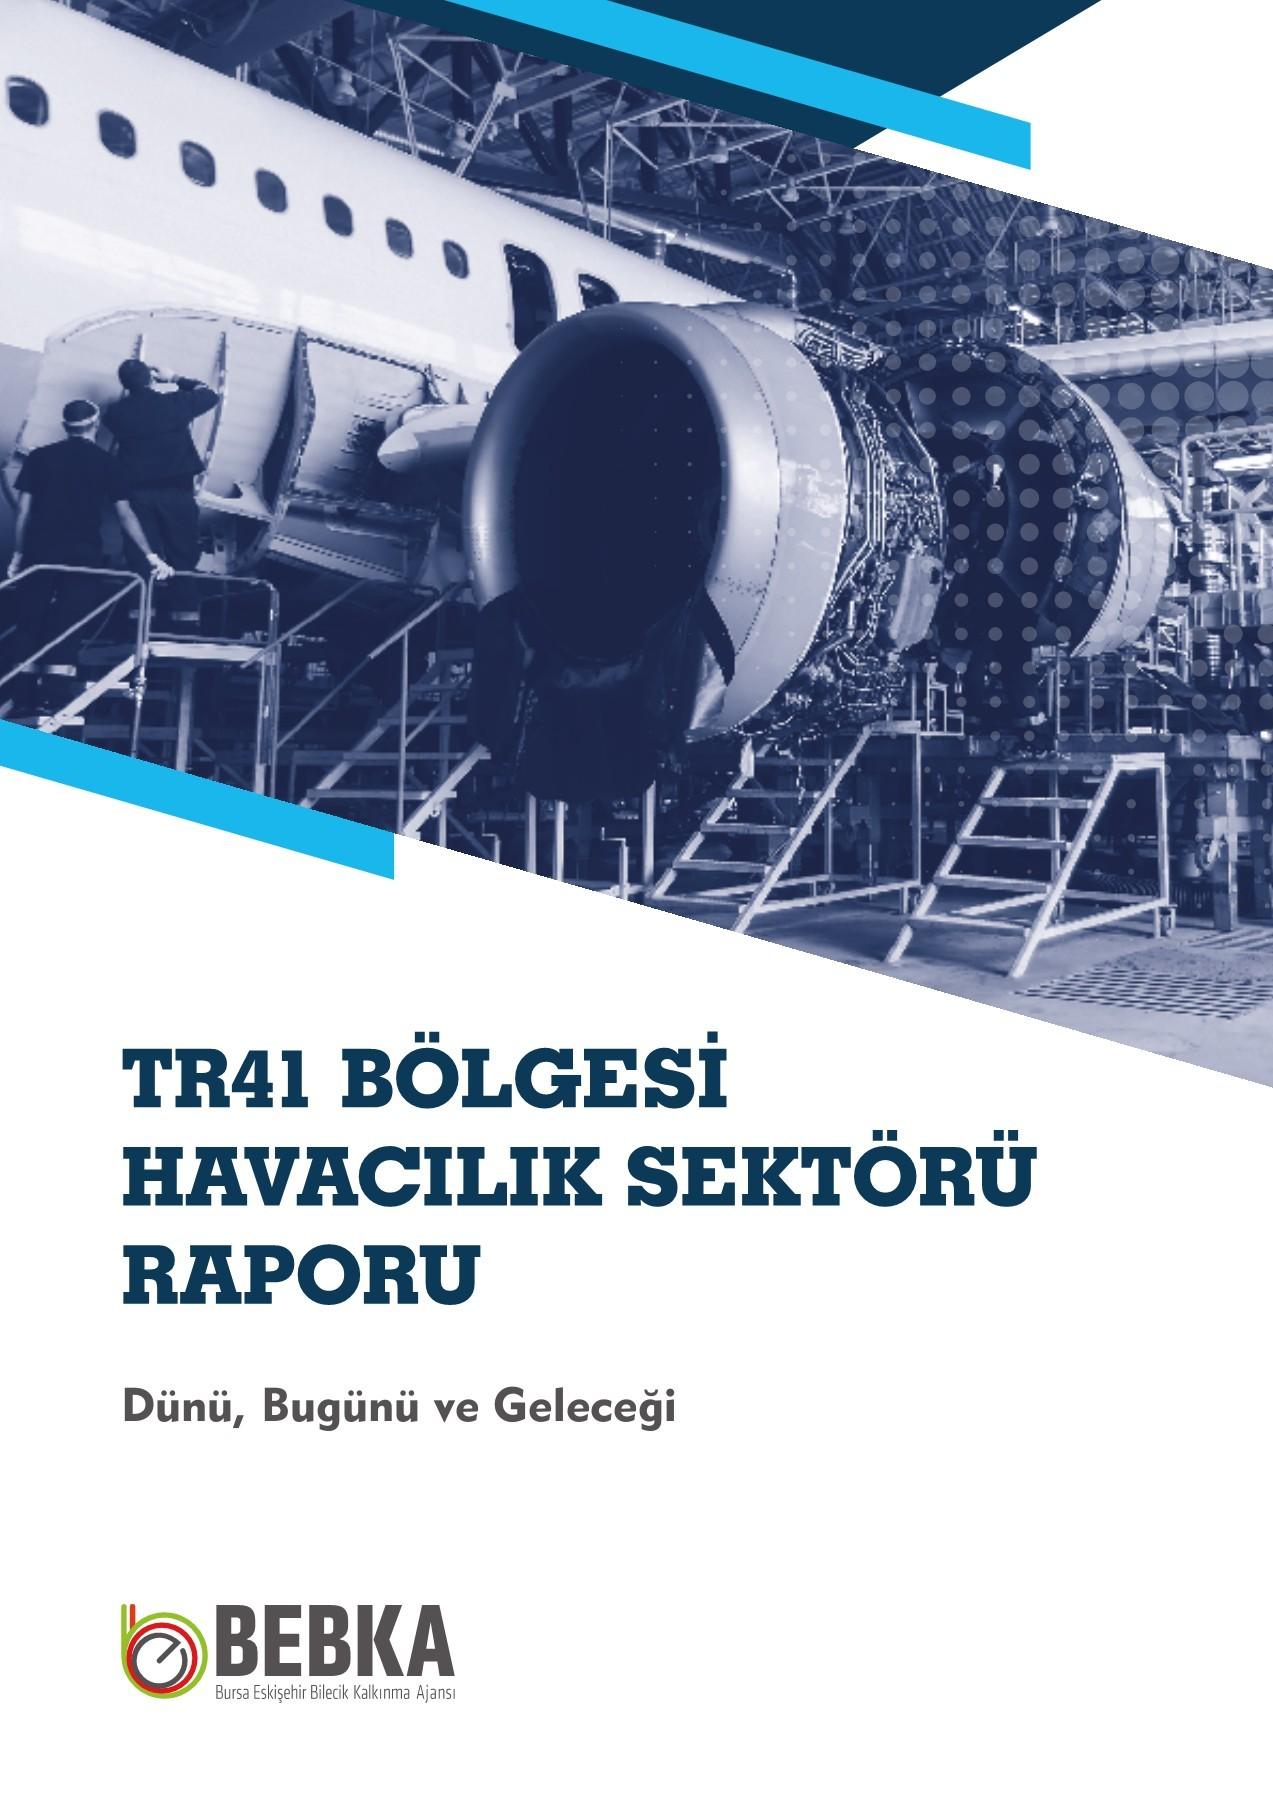 TR41 Bölgesi Havacılık Sektörü Raporu